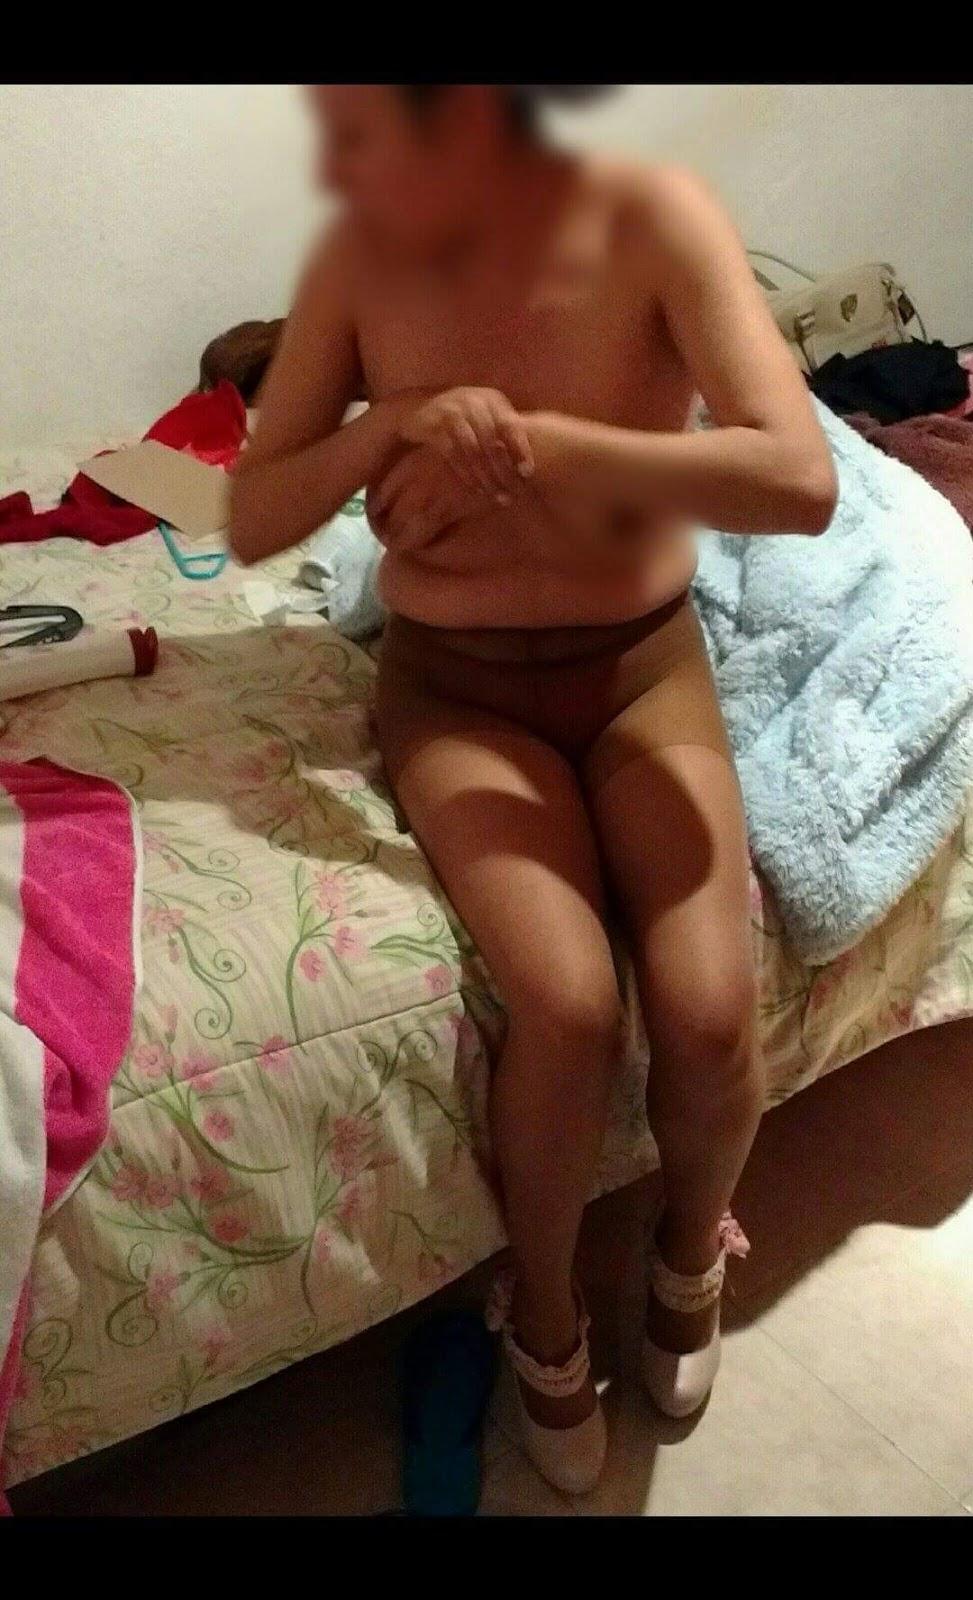 Madre rusa e hijo fetiche pantimedias sexo - Videos Gratis